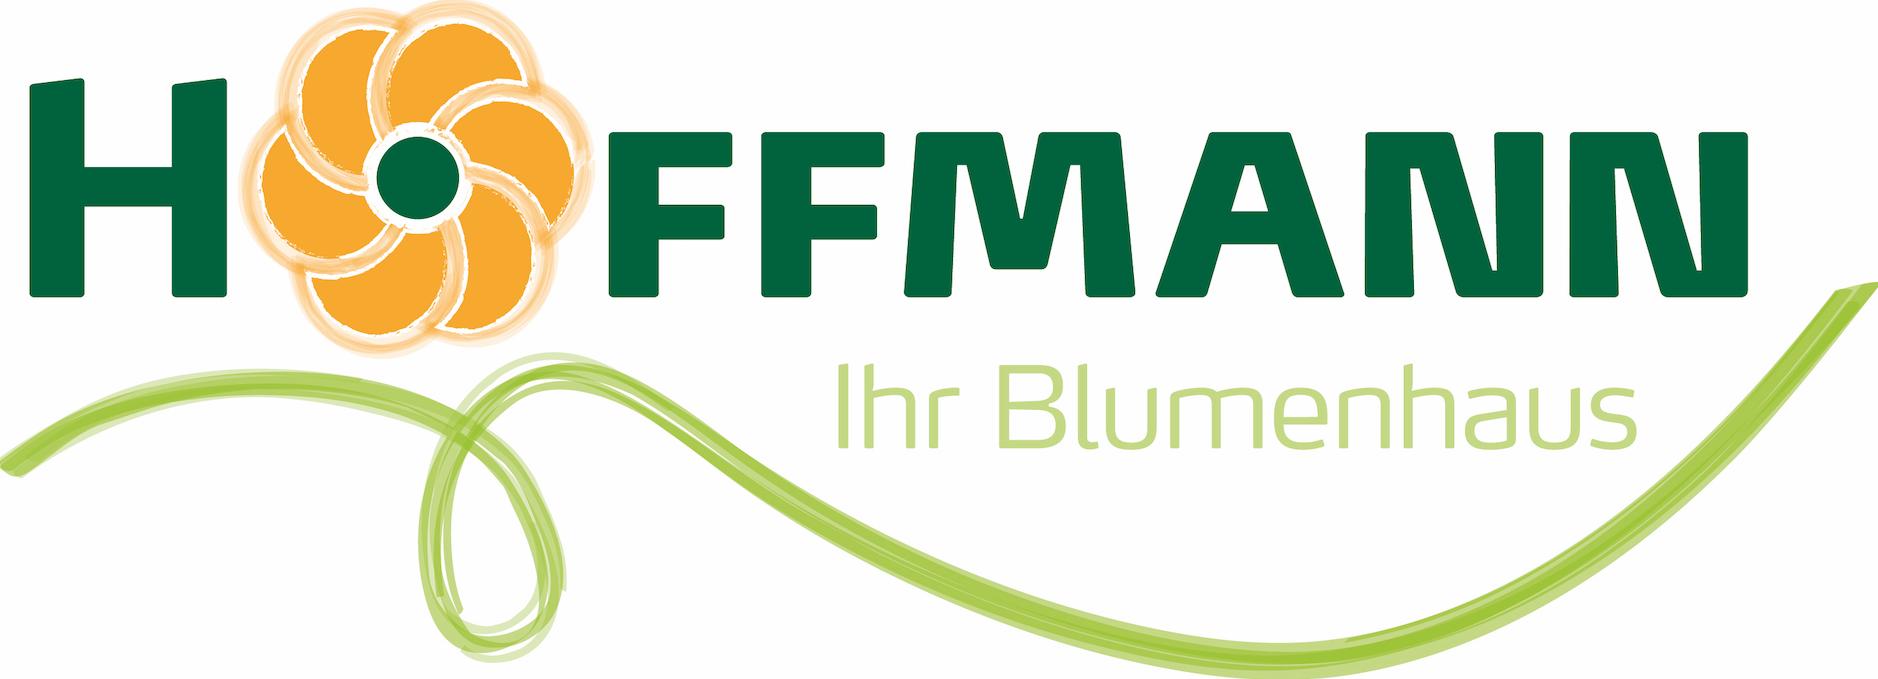 Blumenhaus Hoffmann